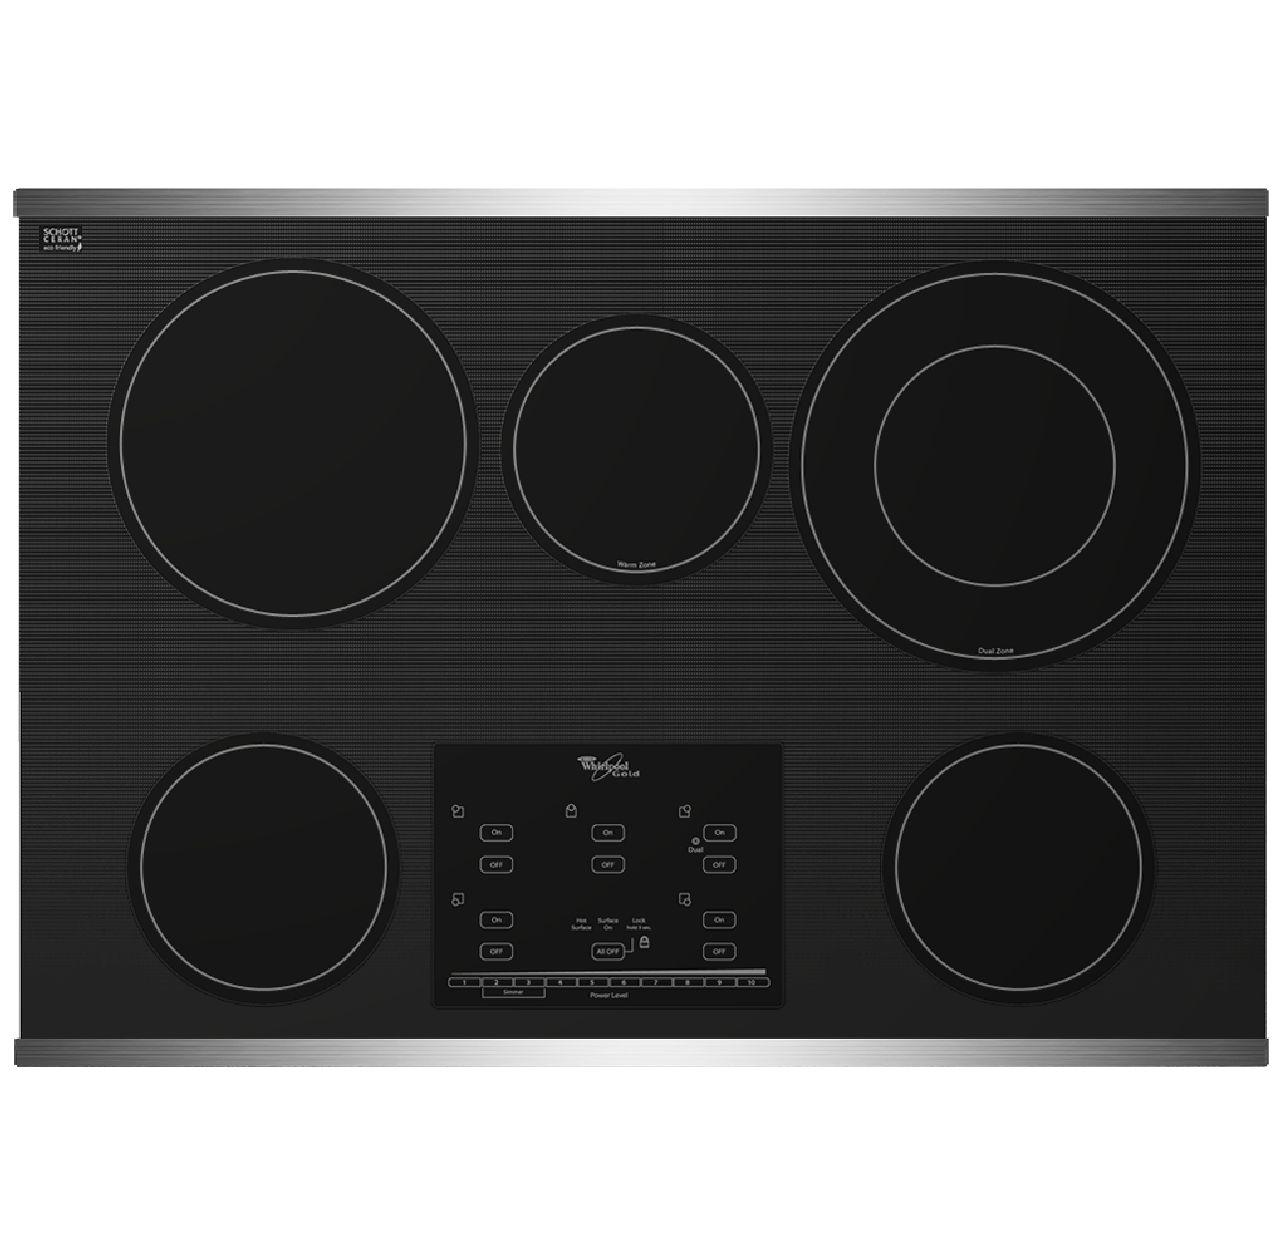 Range/Stove/Oven